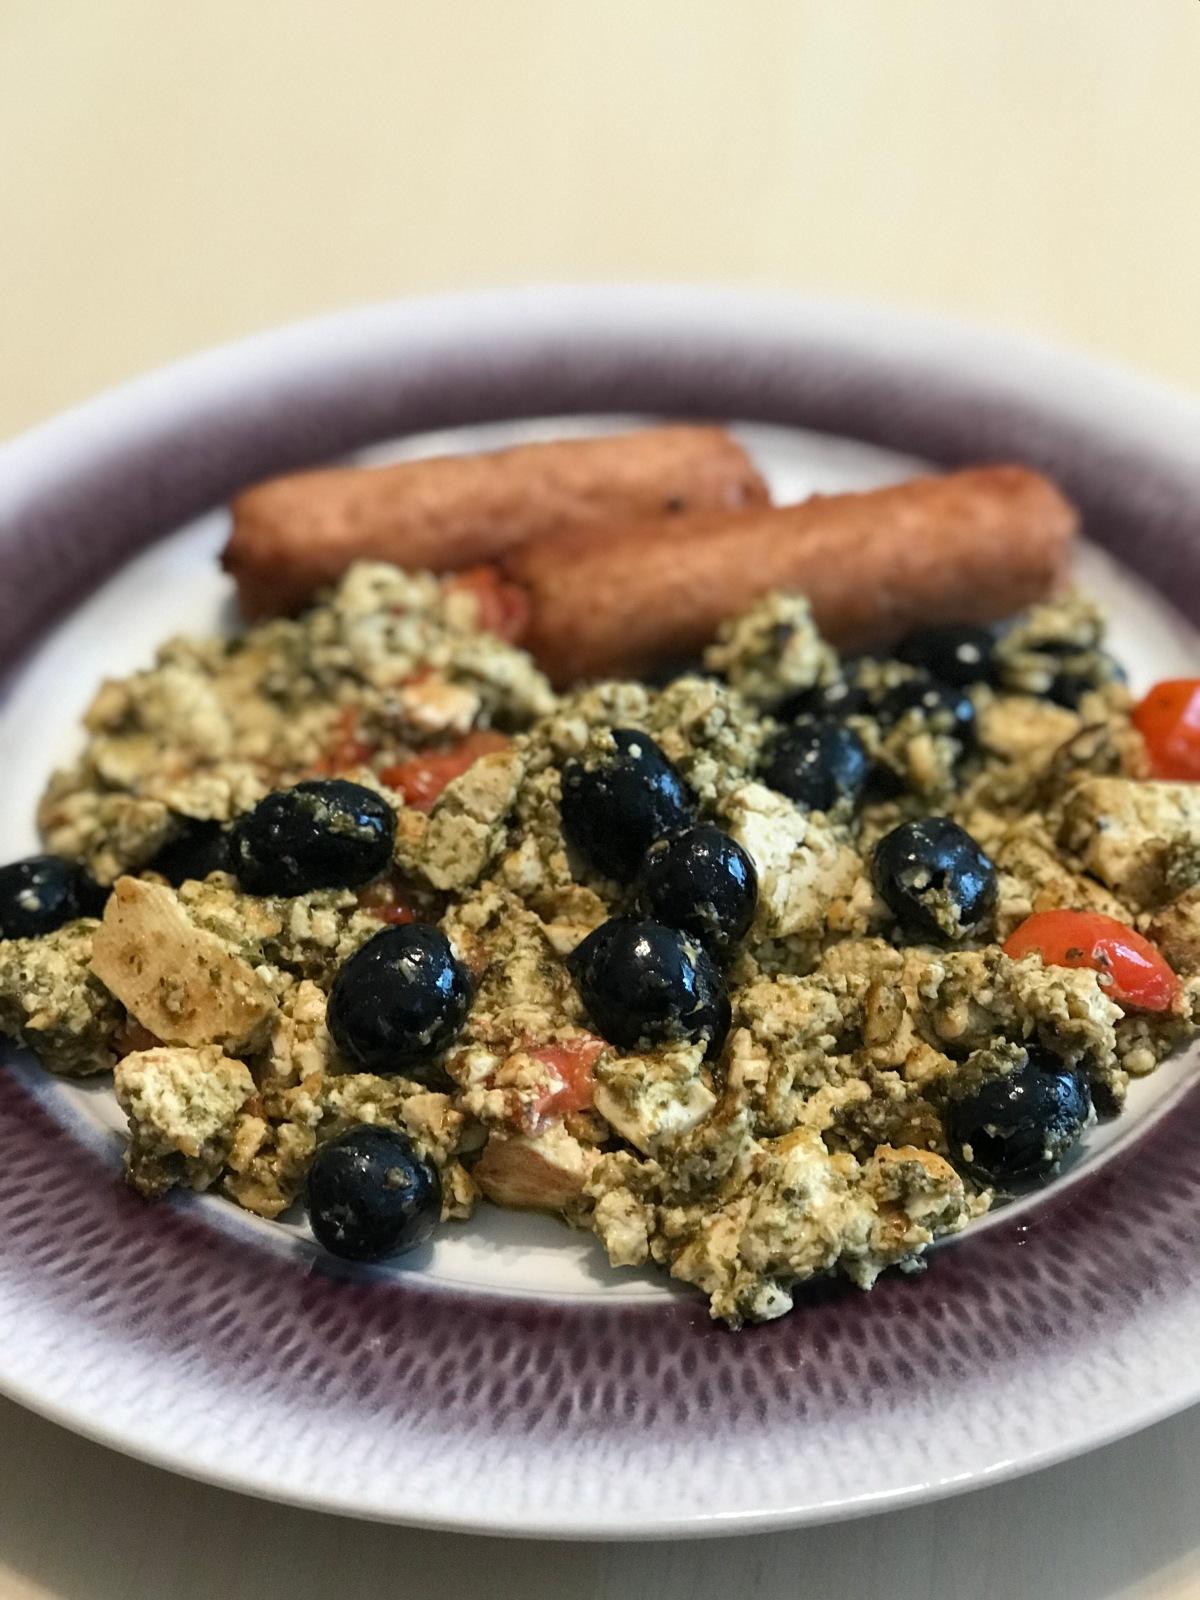 Tomato, Olive and Pesto Tofuscramble